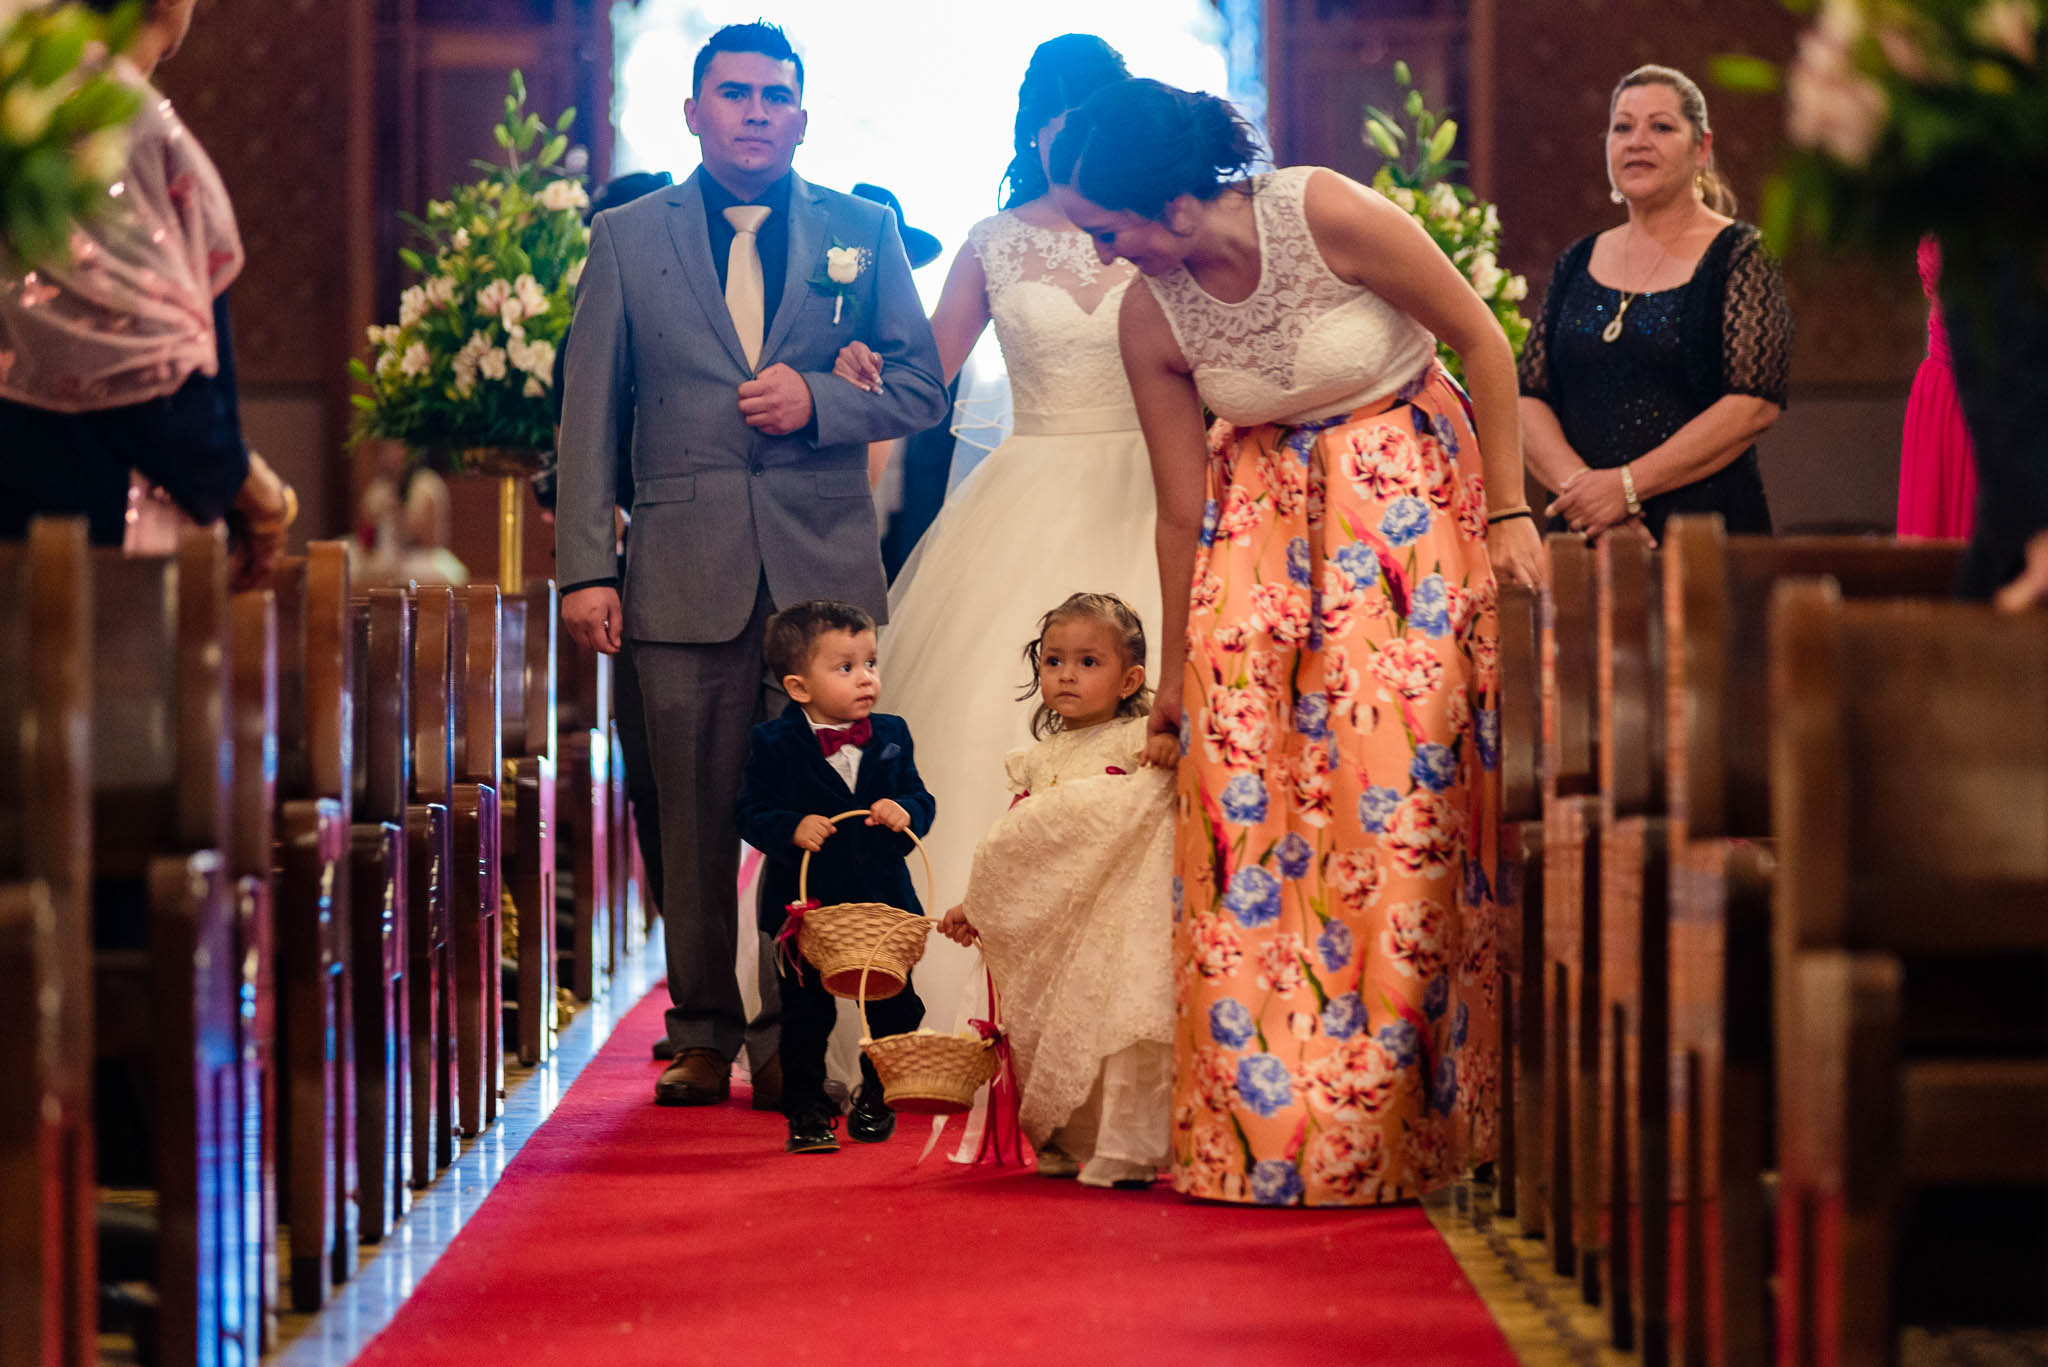 fotografo de bodas san luis potosi boda mexico wedding destination fotos de boda 76